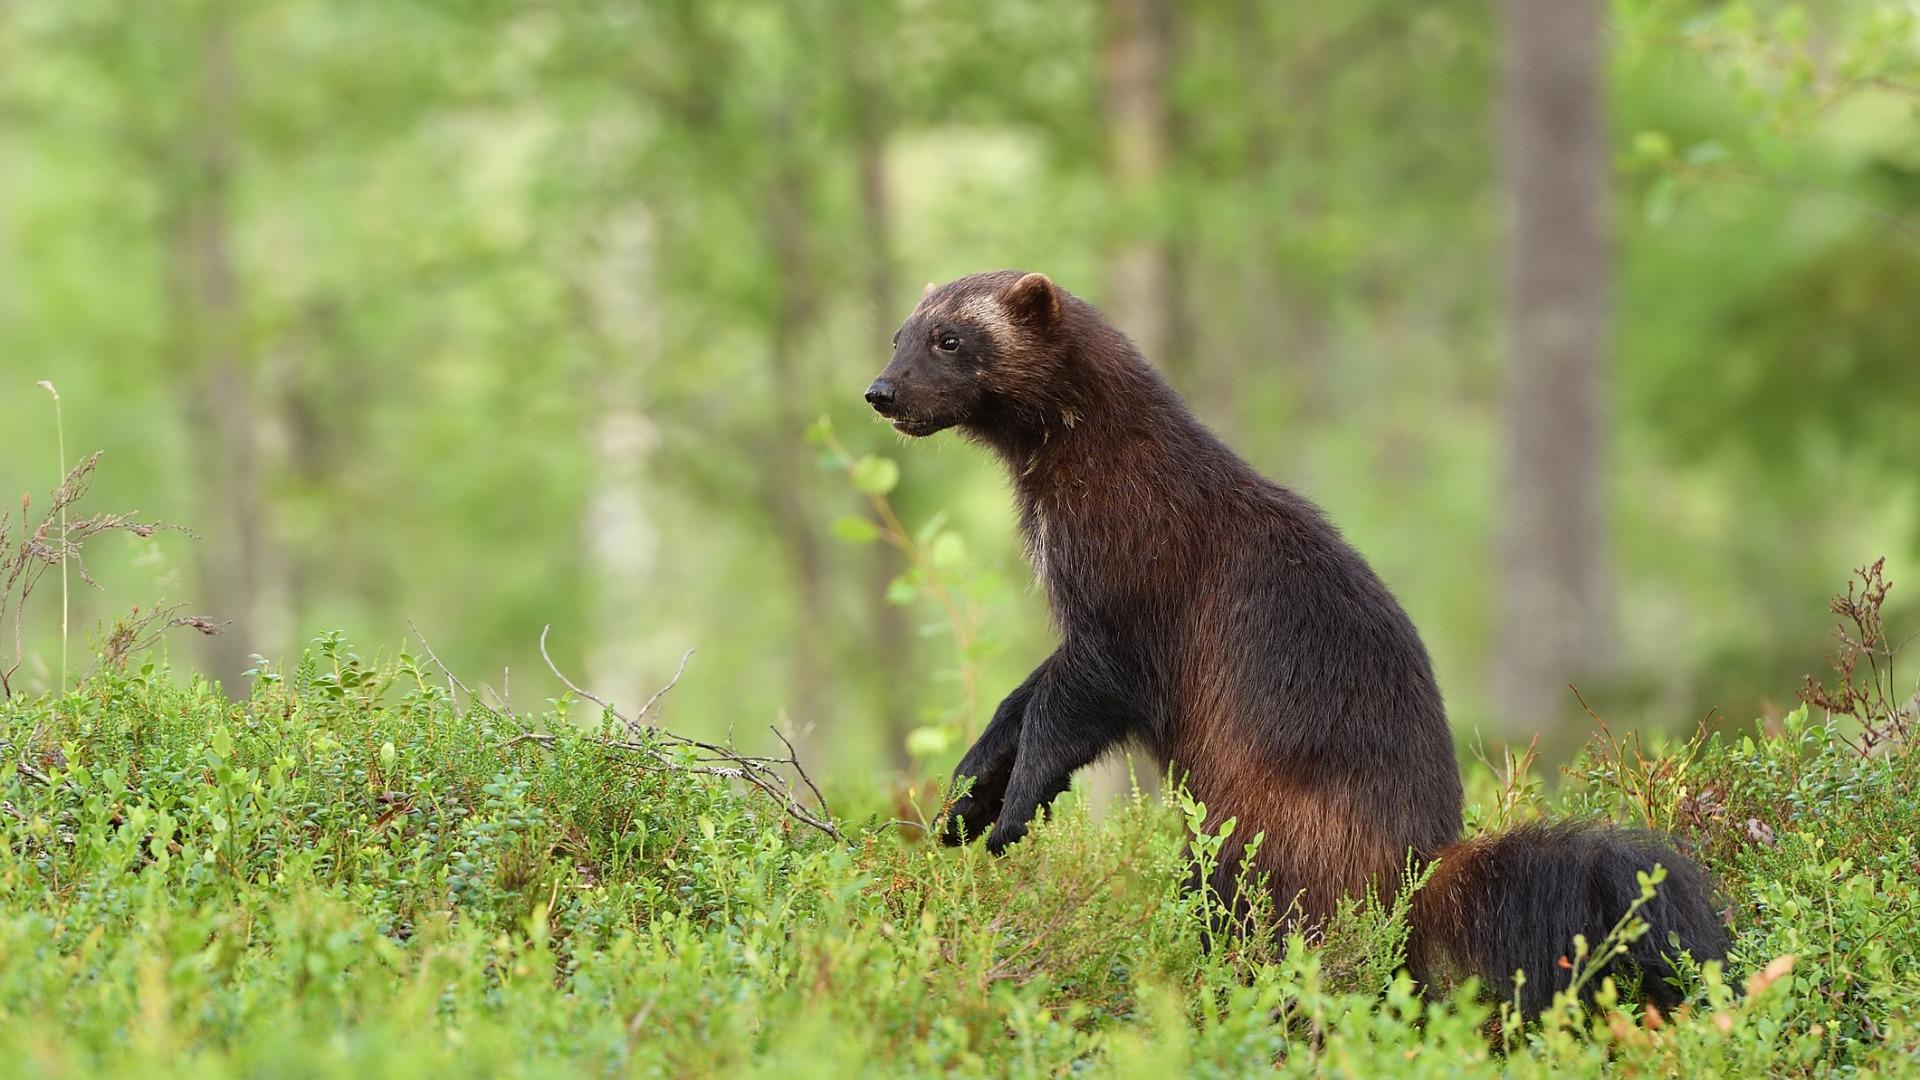 Riistakeskuksen suurpetuyhdyshenkilölle voi ilmoittaa myös havainnot ahmoista, susista ja karhuista.